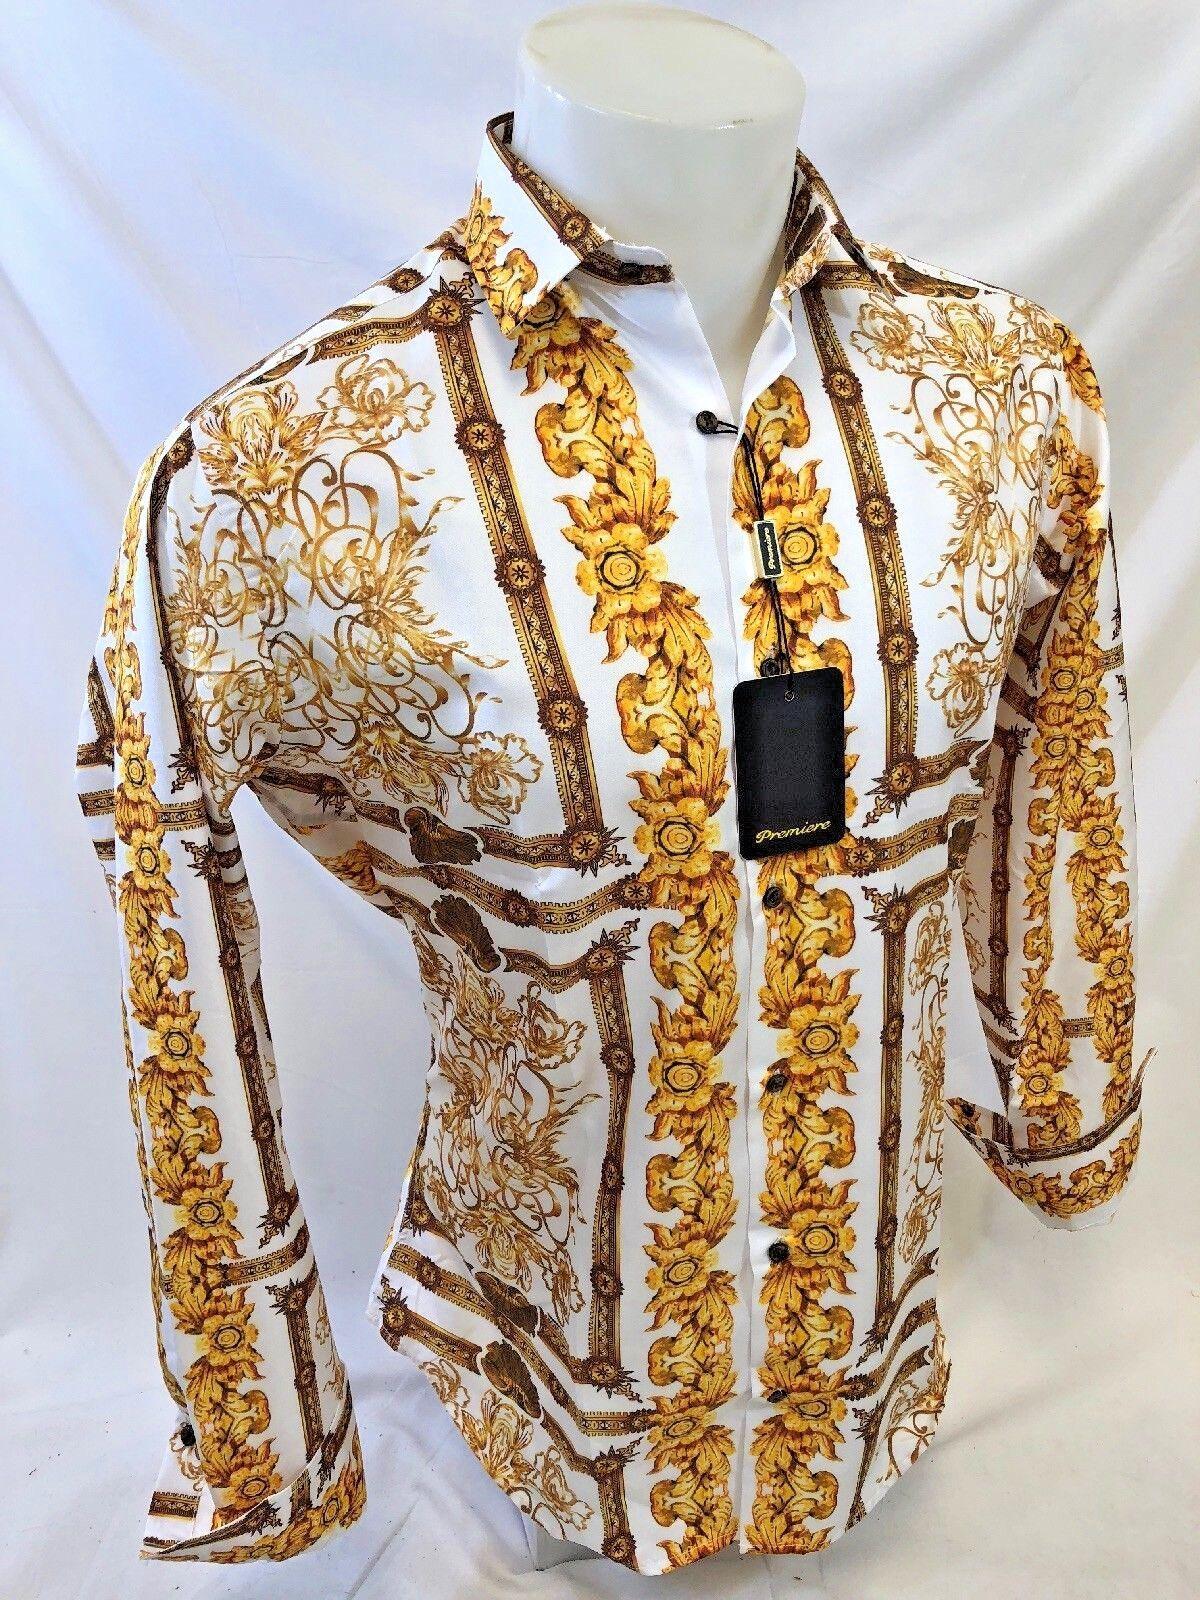 Herren Premiere Langärmlig Knöpfe Anzugshemd Weiß BlattGold BlattGold BlattGold Abstrakt 209 | Elegant und feierlich  | Angenehmes Aussehen  64bf5b